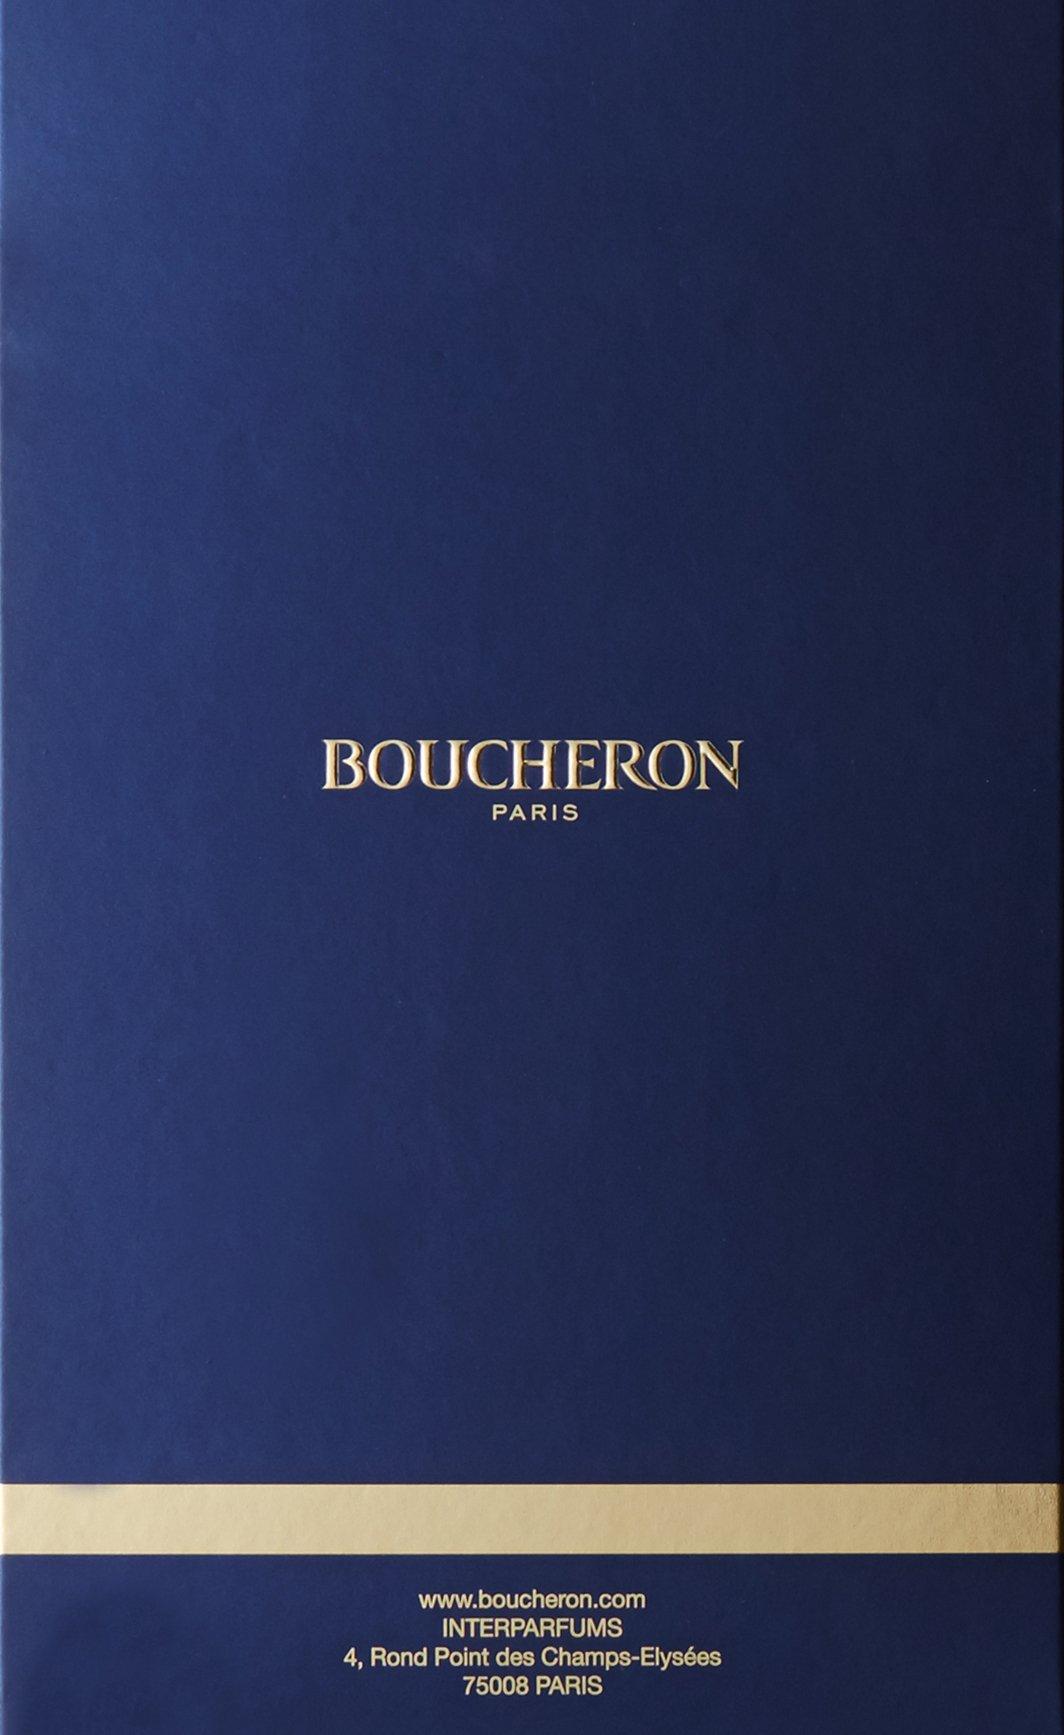 BOUCHERON Pour Femme Eau de Parfum, Floral Oriental, 3.3 fl. oz. by BOUCHERON (Image #2)